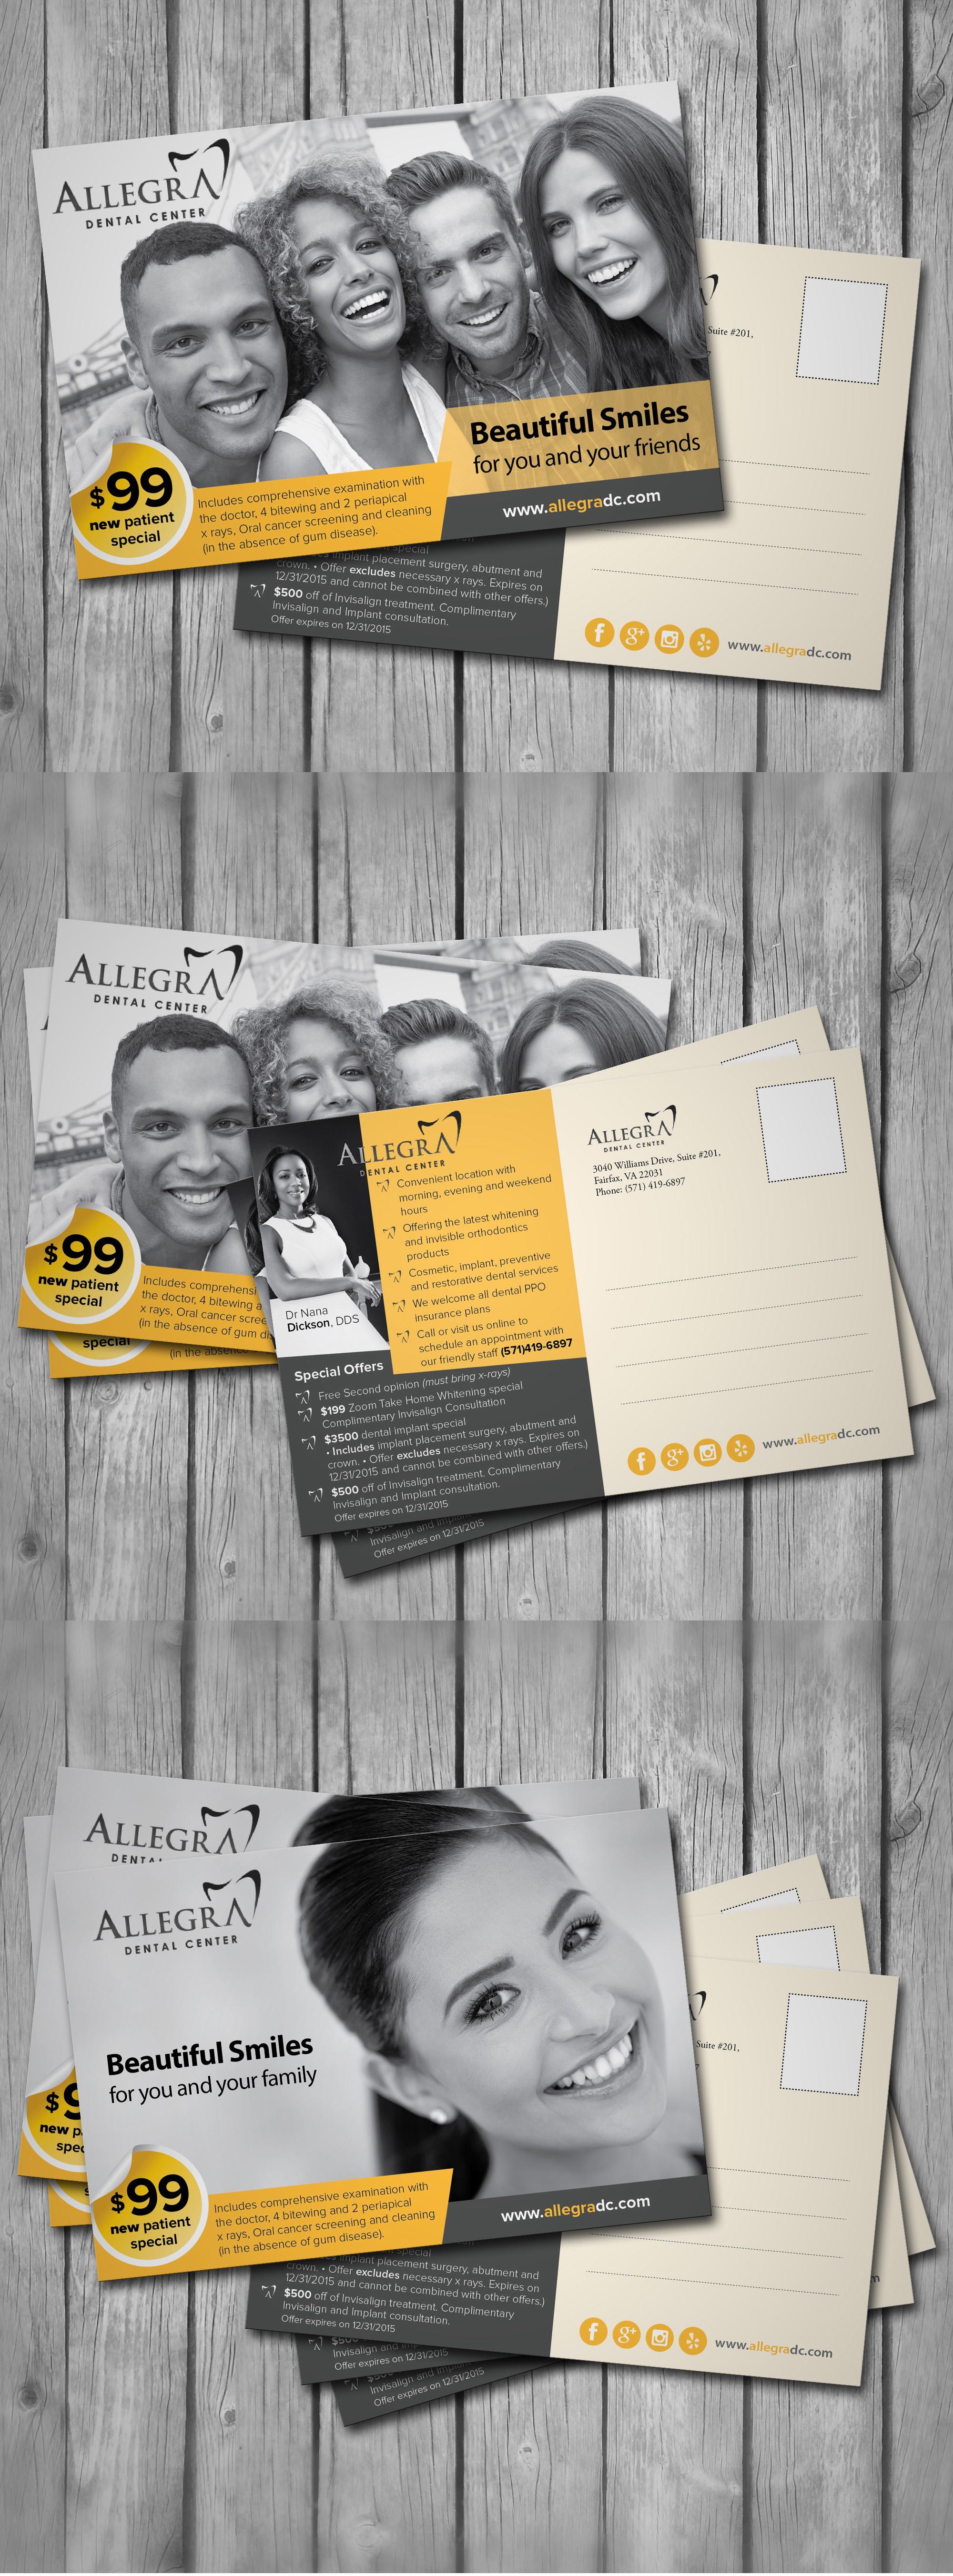 USPS Post Card Mailer